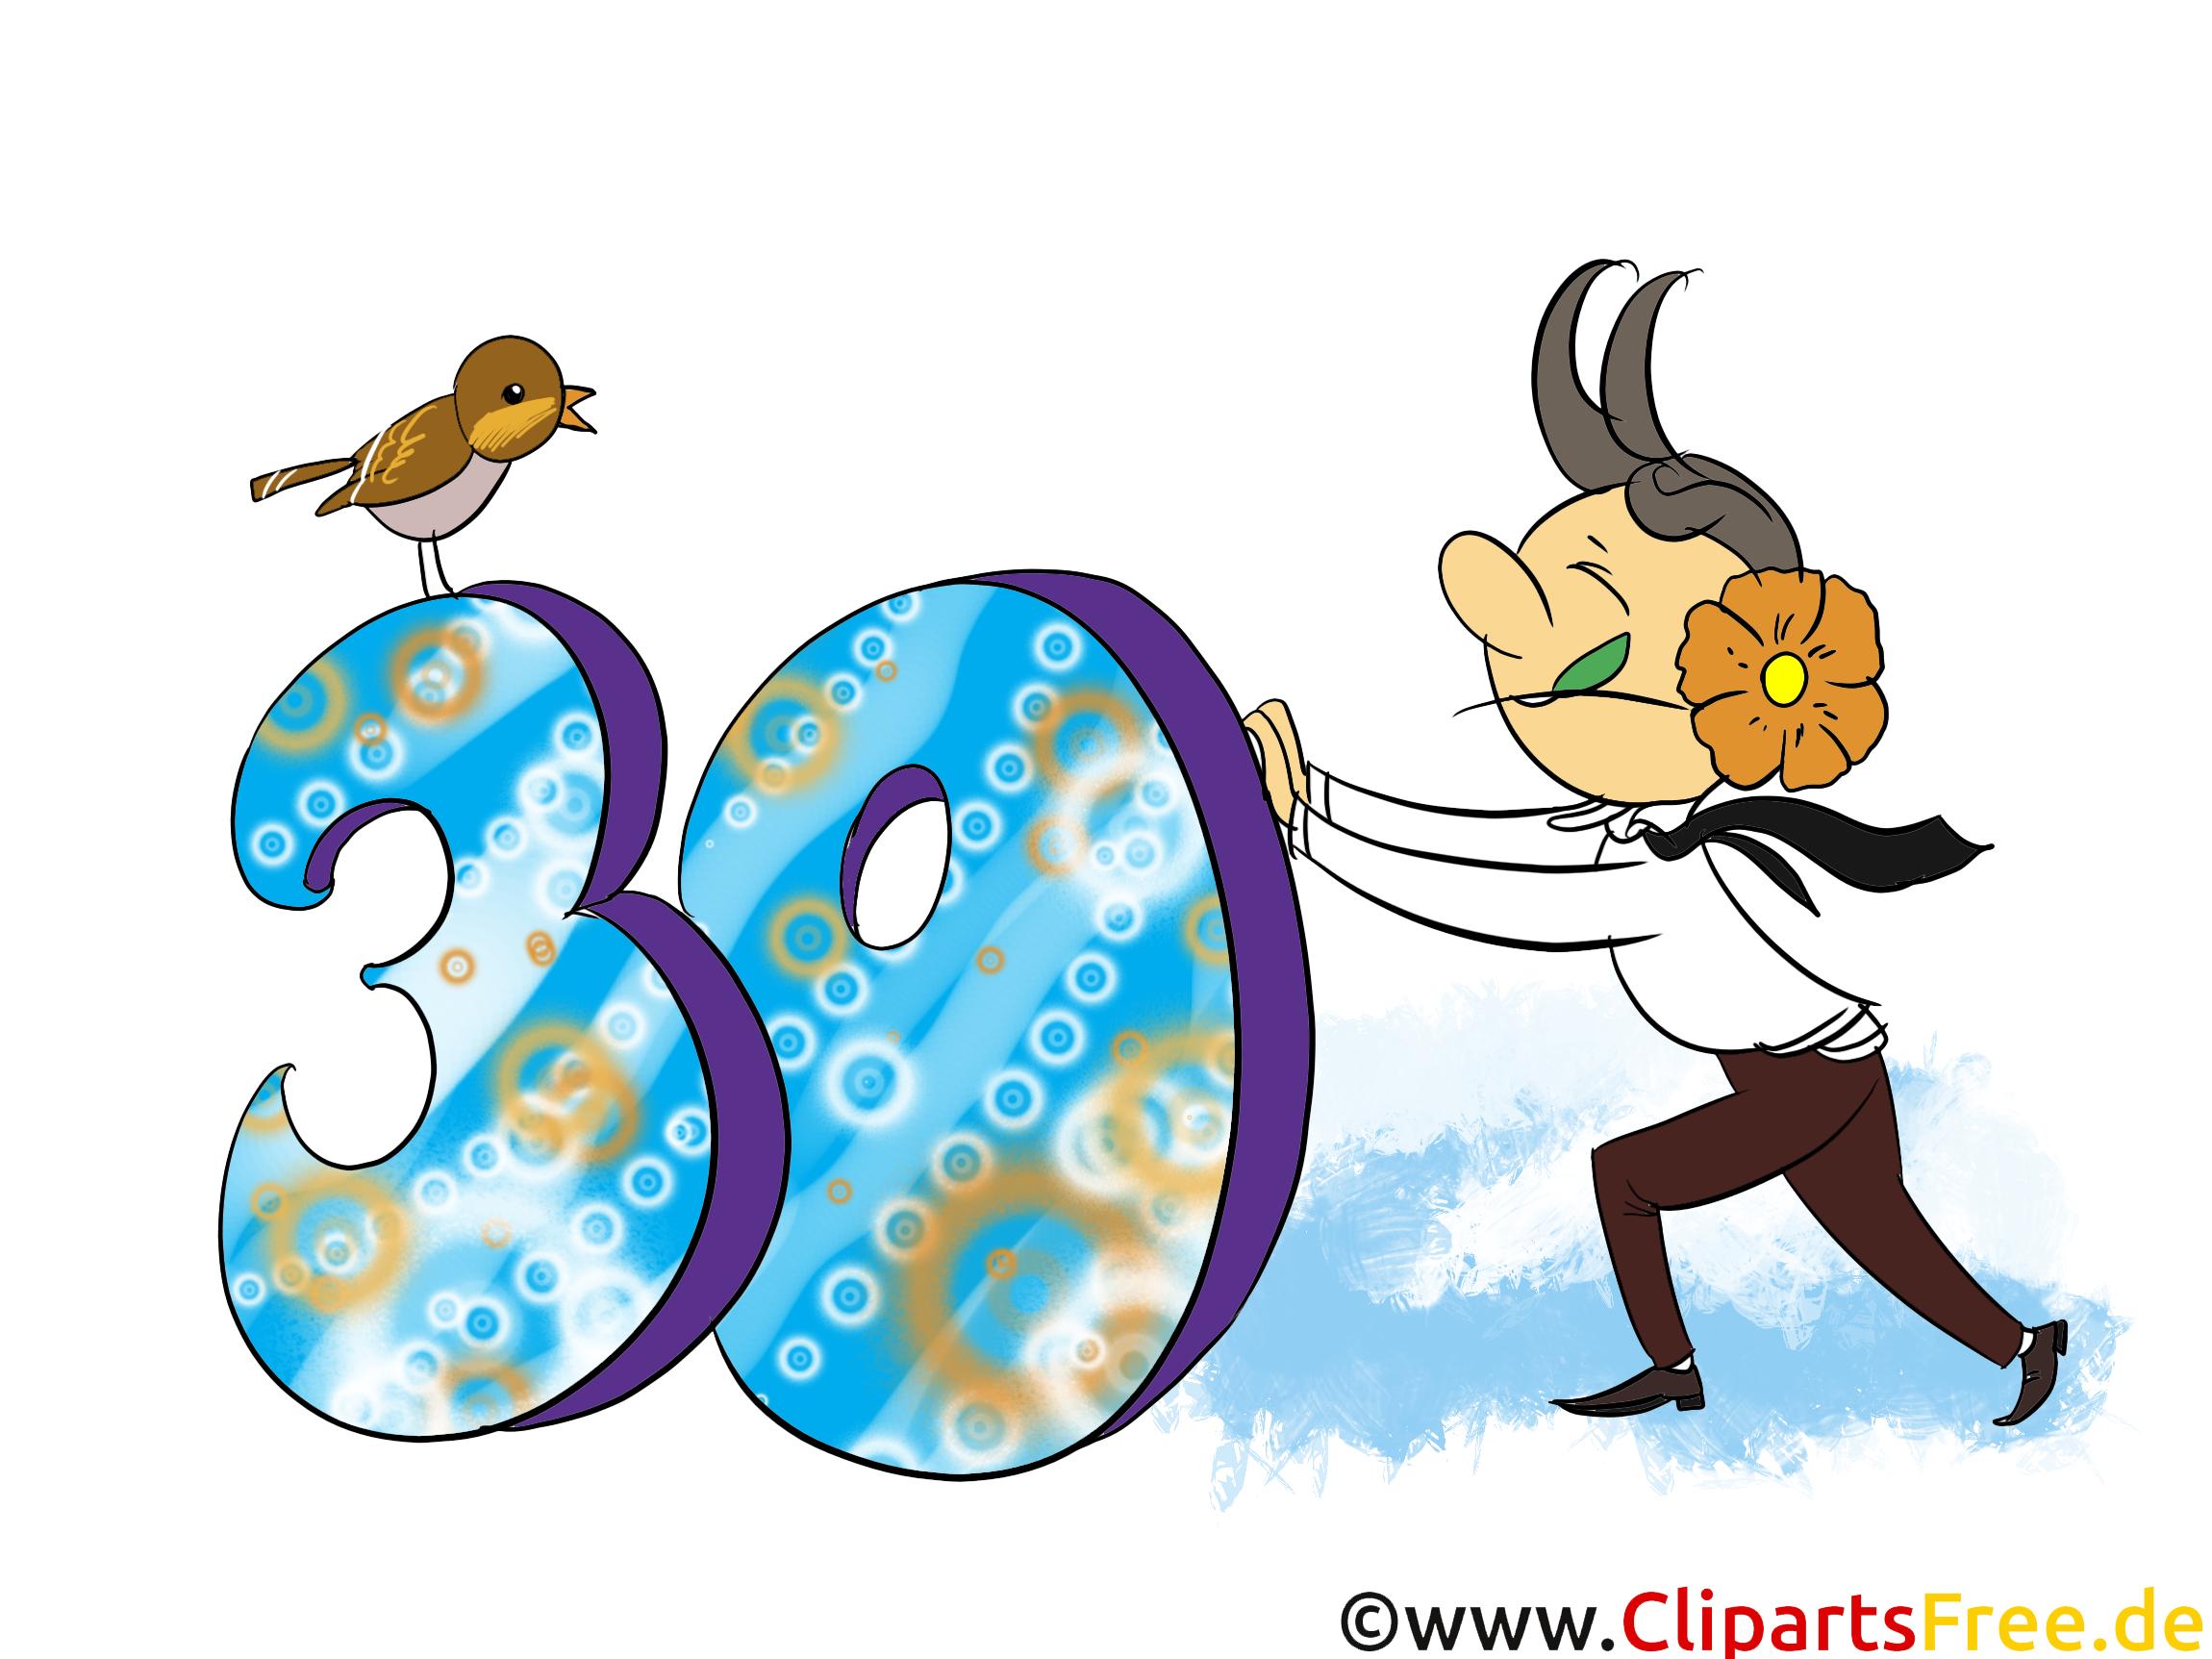 Grüsse zum Geburtstag 30 Jahre - Clipart, Grusskarte ...